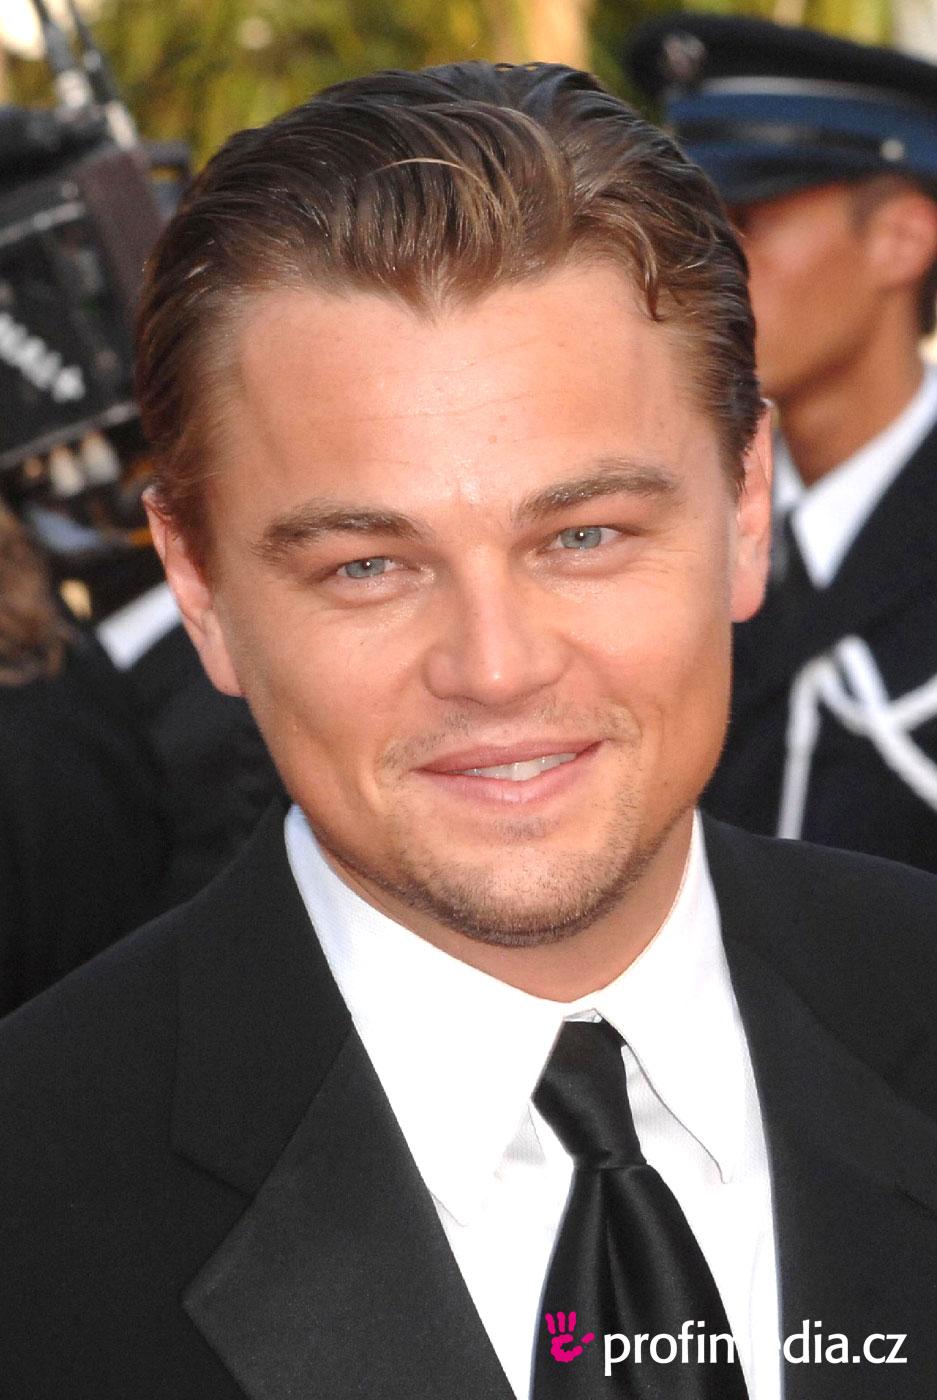 Leonardo DiCaprio Frisur Zum Ausprobieren In EFrisuren